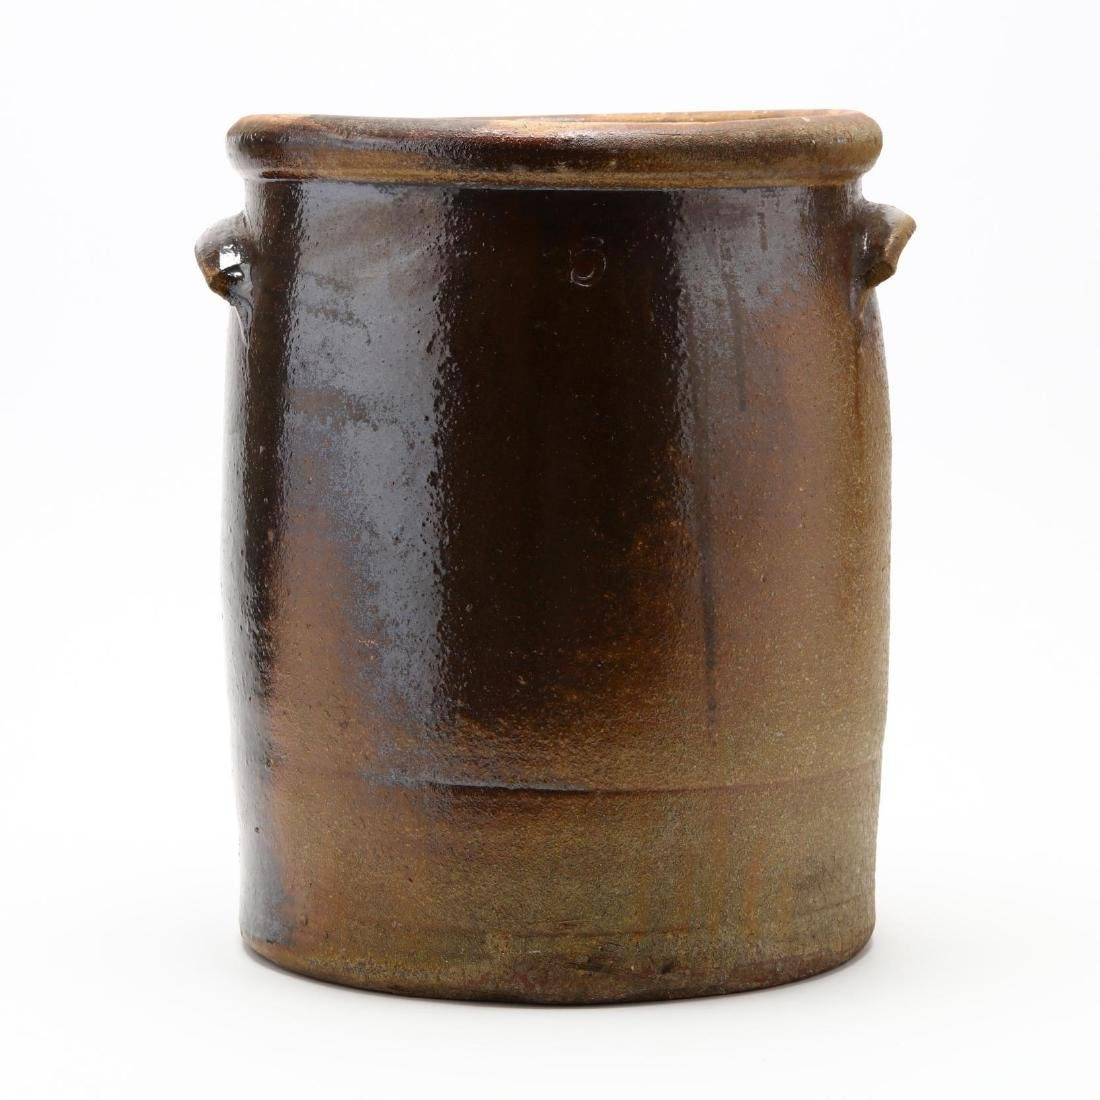 Pottery Pickle Crock